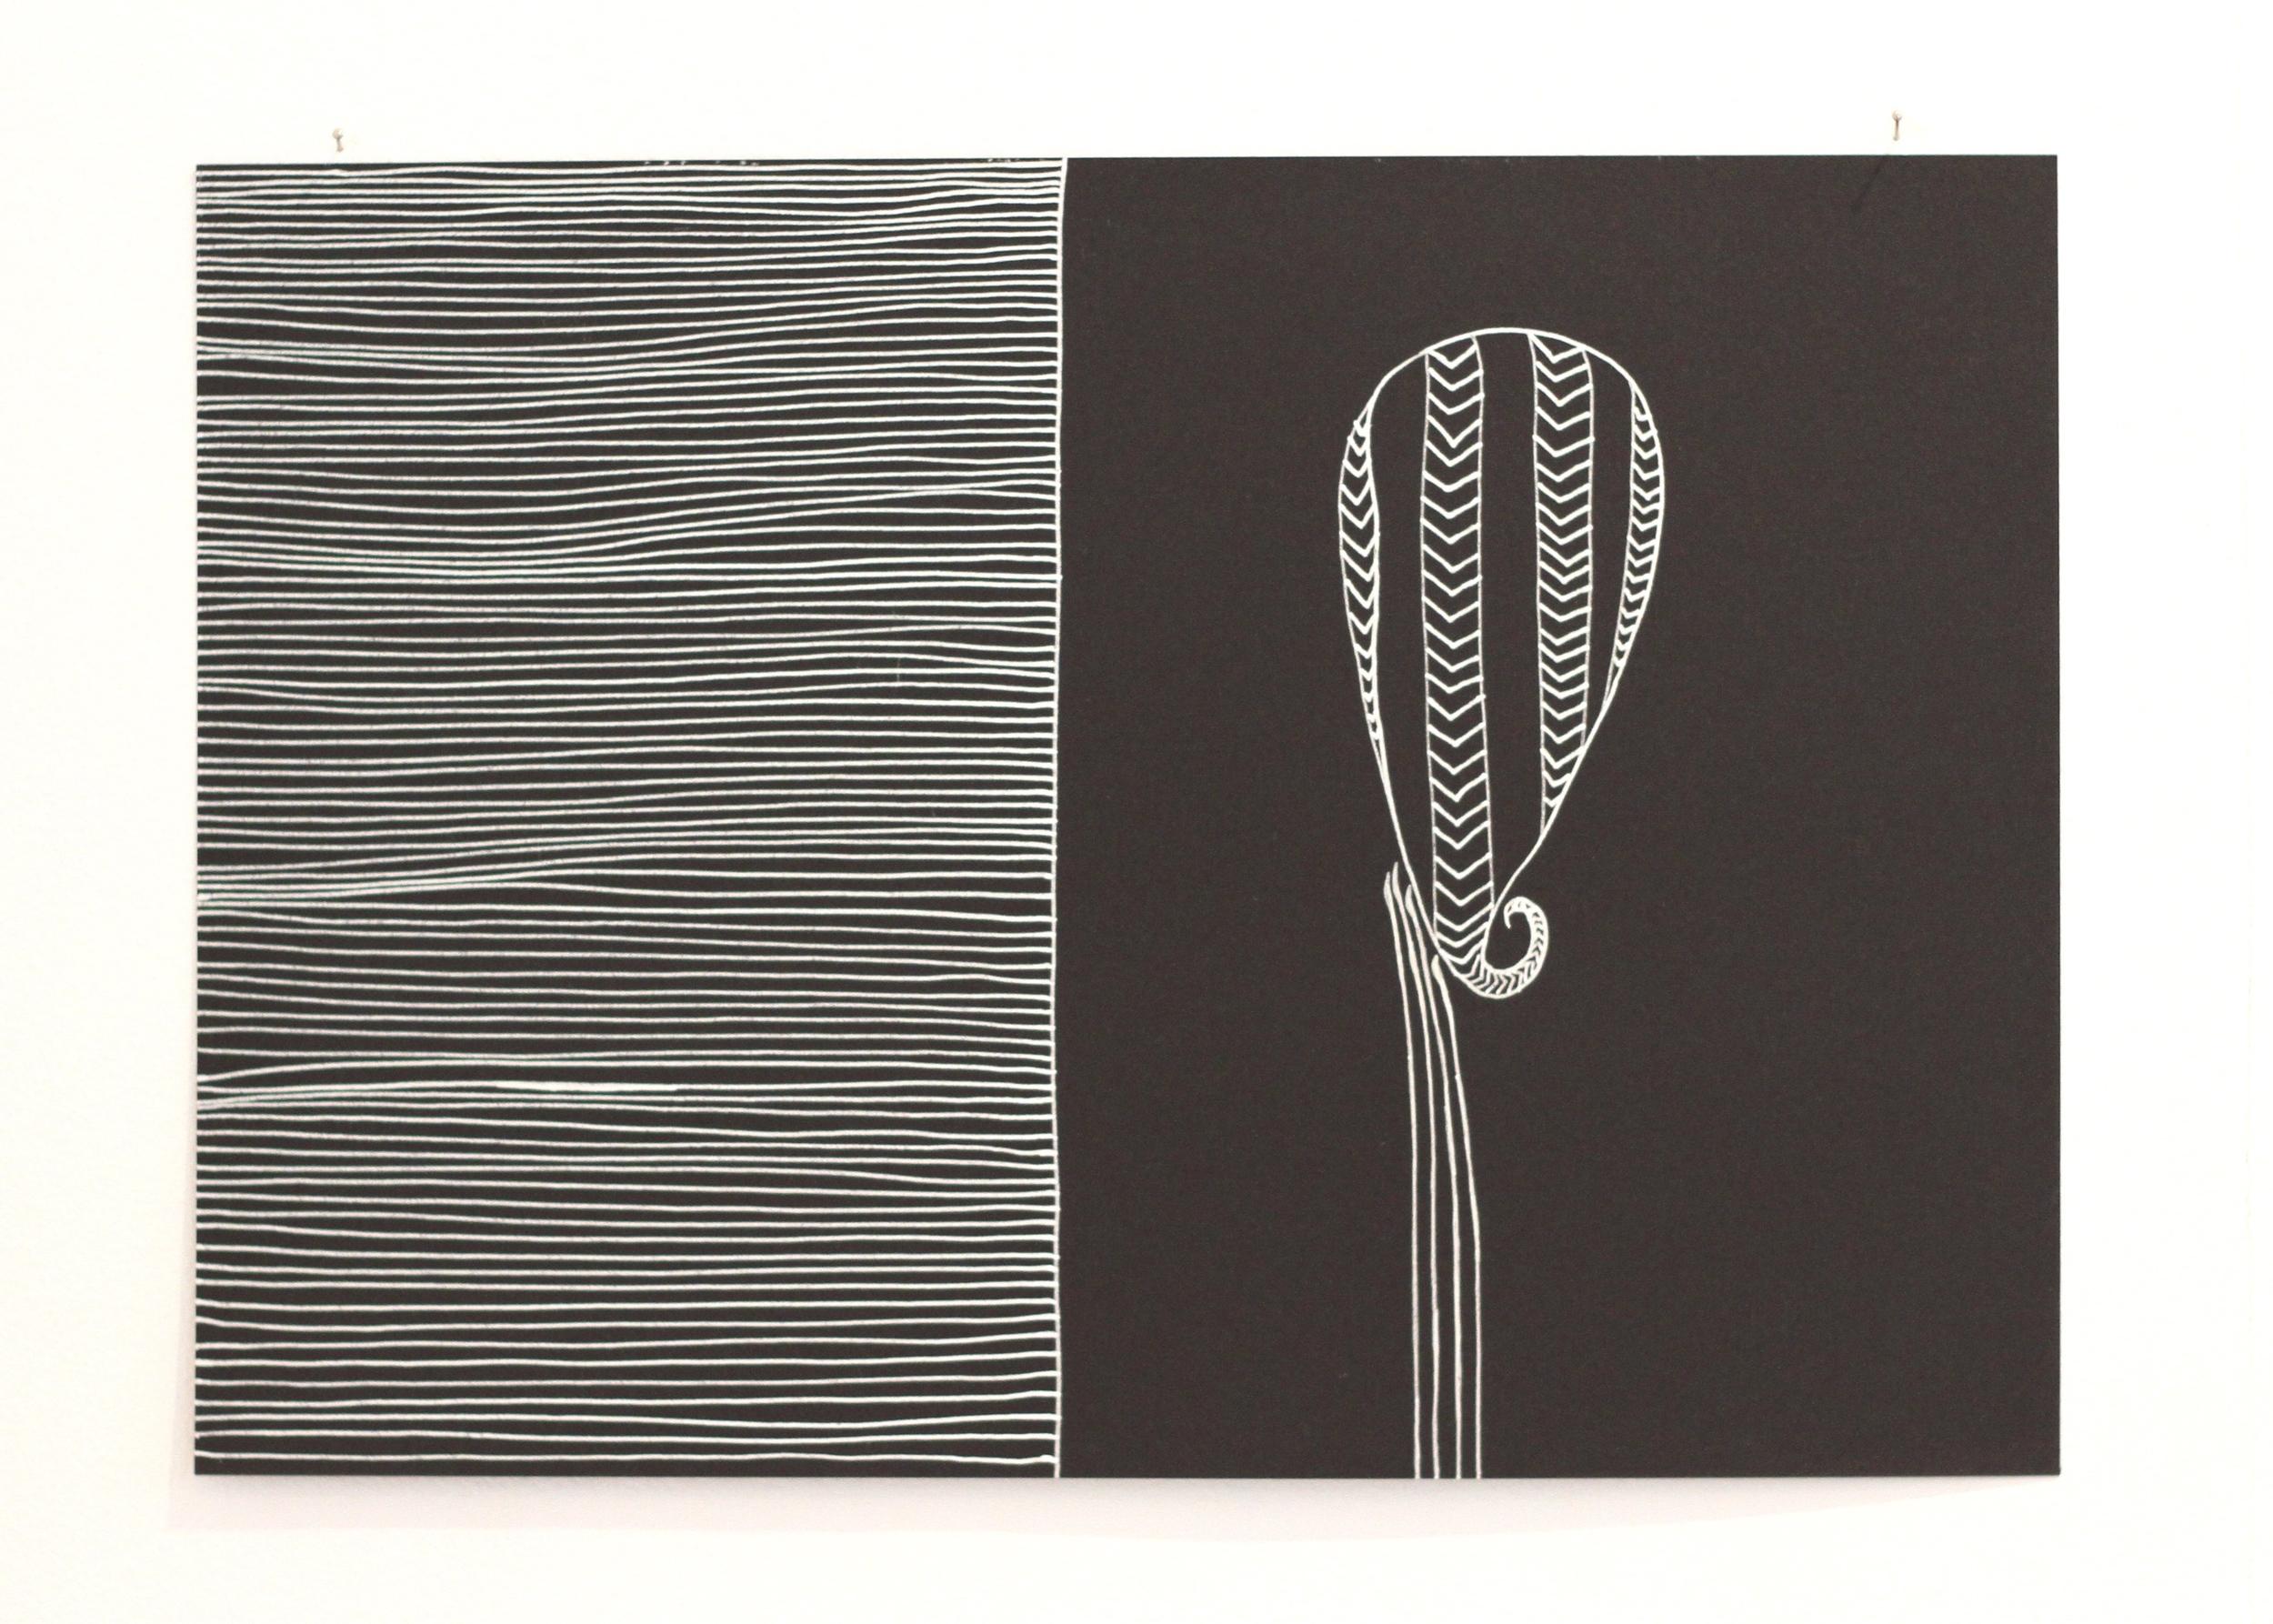 Āitu lāitiiti / Small spirit, Léuli Eshraghi, ink on card, 21 x 29.5cm, 2014